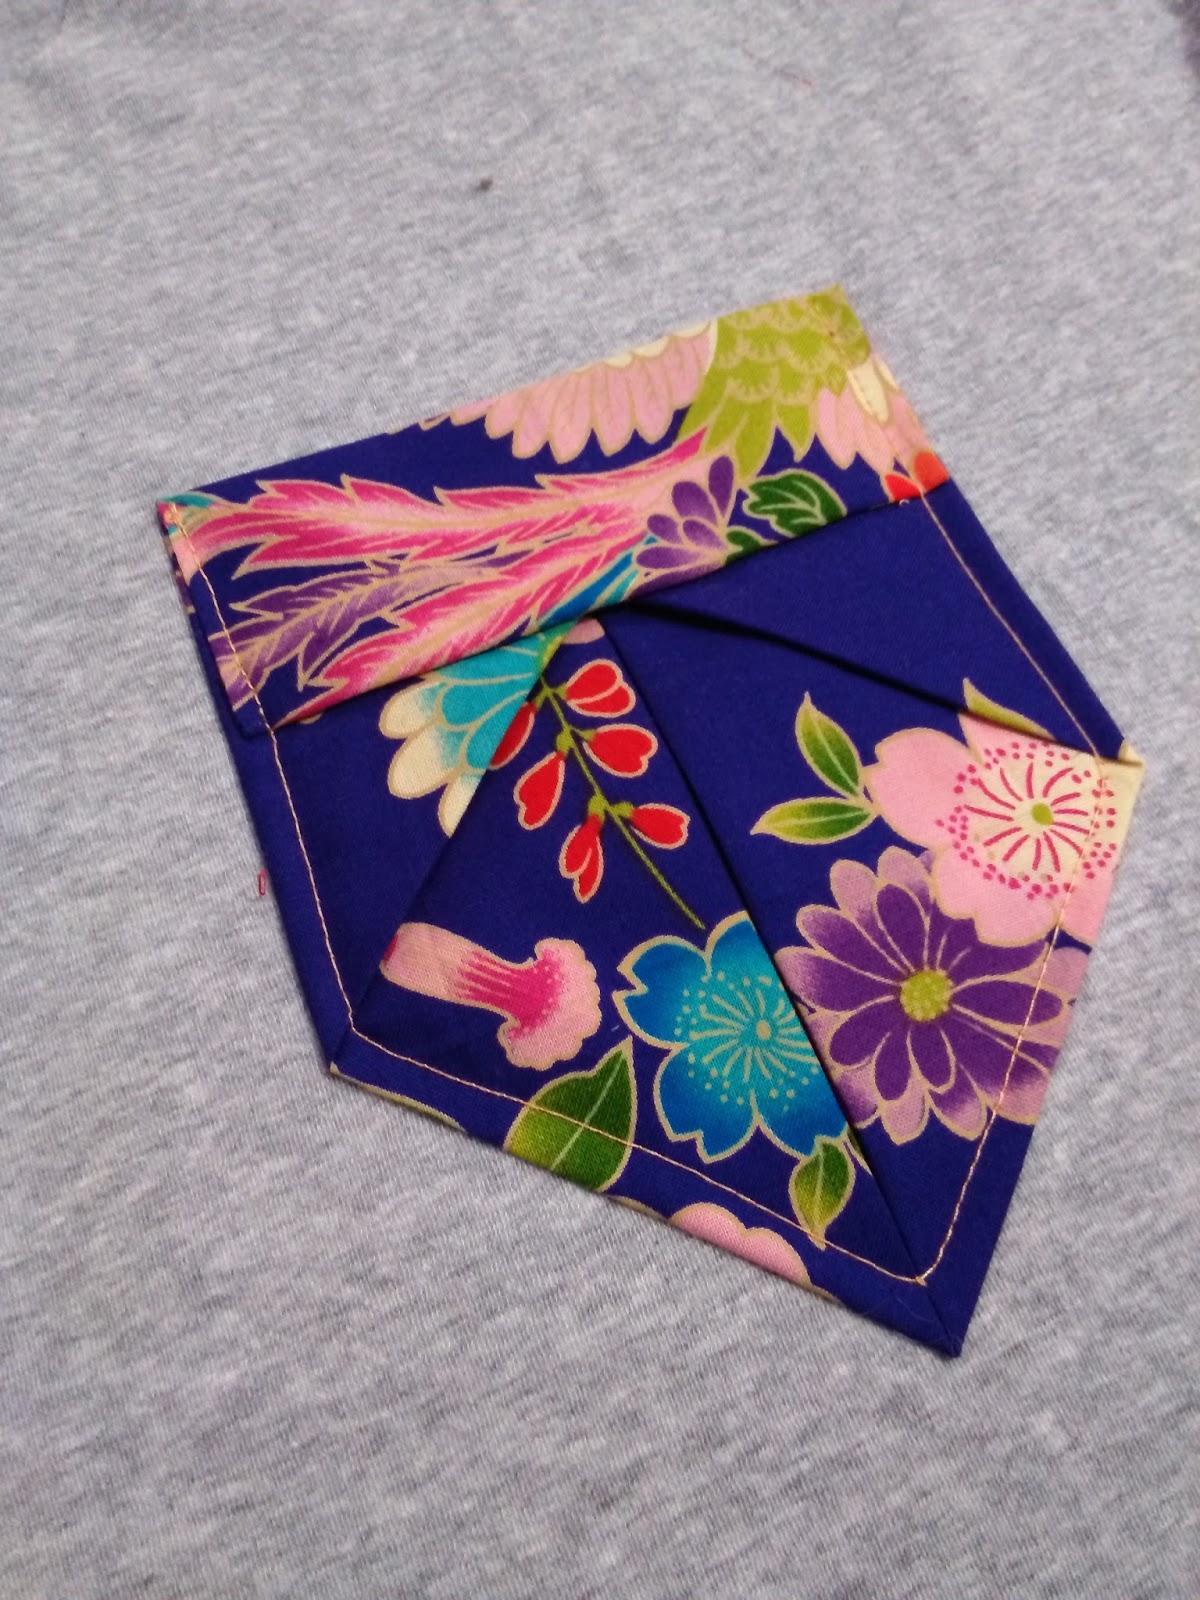 Pandielleando diy bolsillo origami en una camiseta nueva esta vez thecheapjerseys Gallery